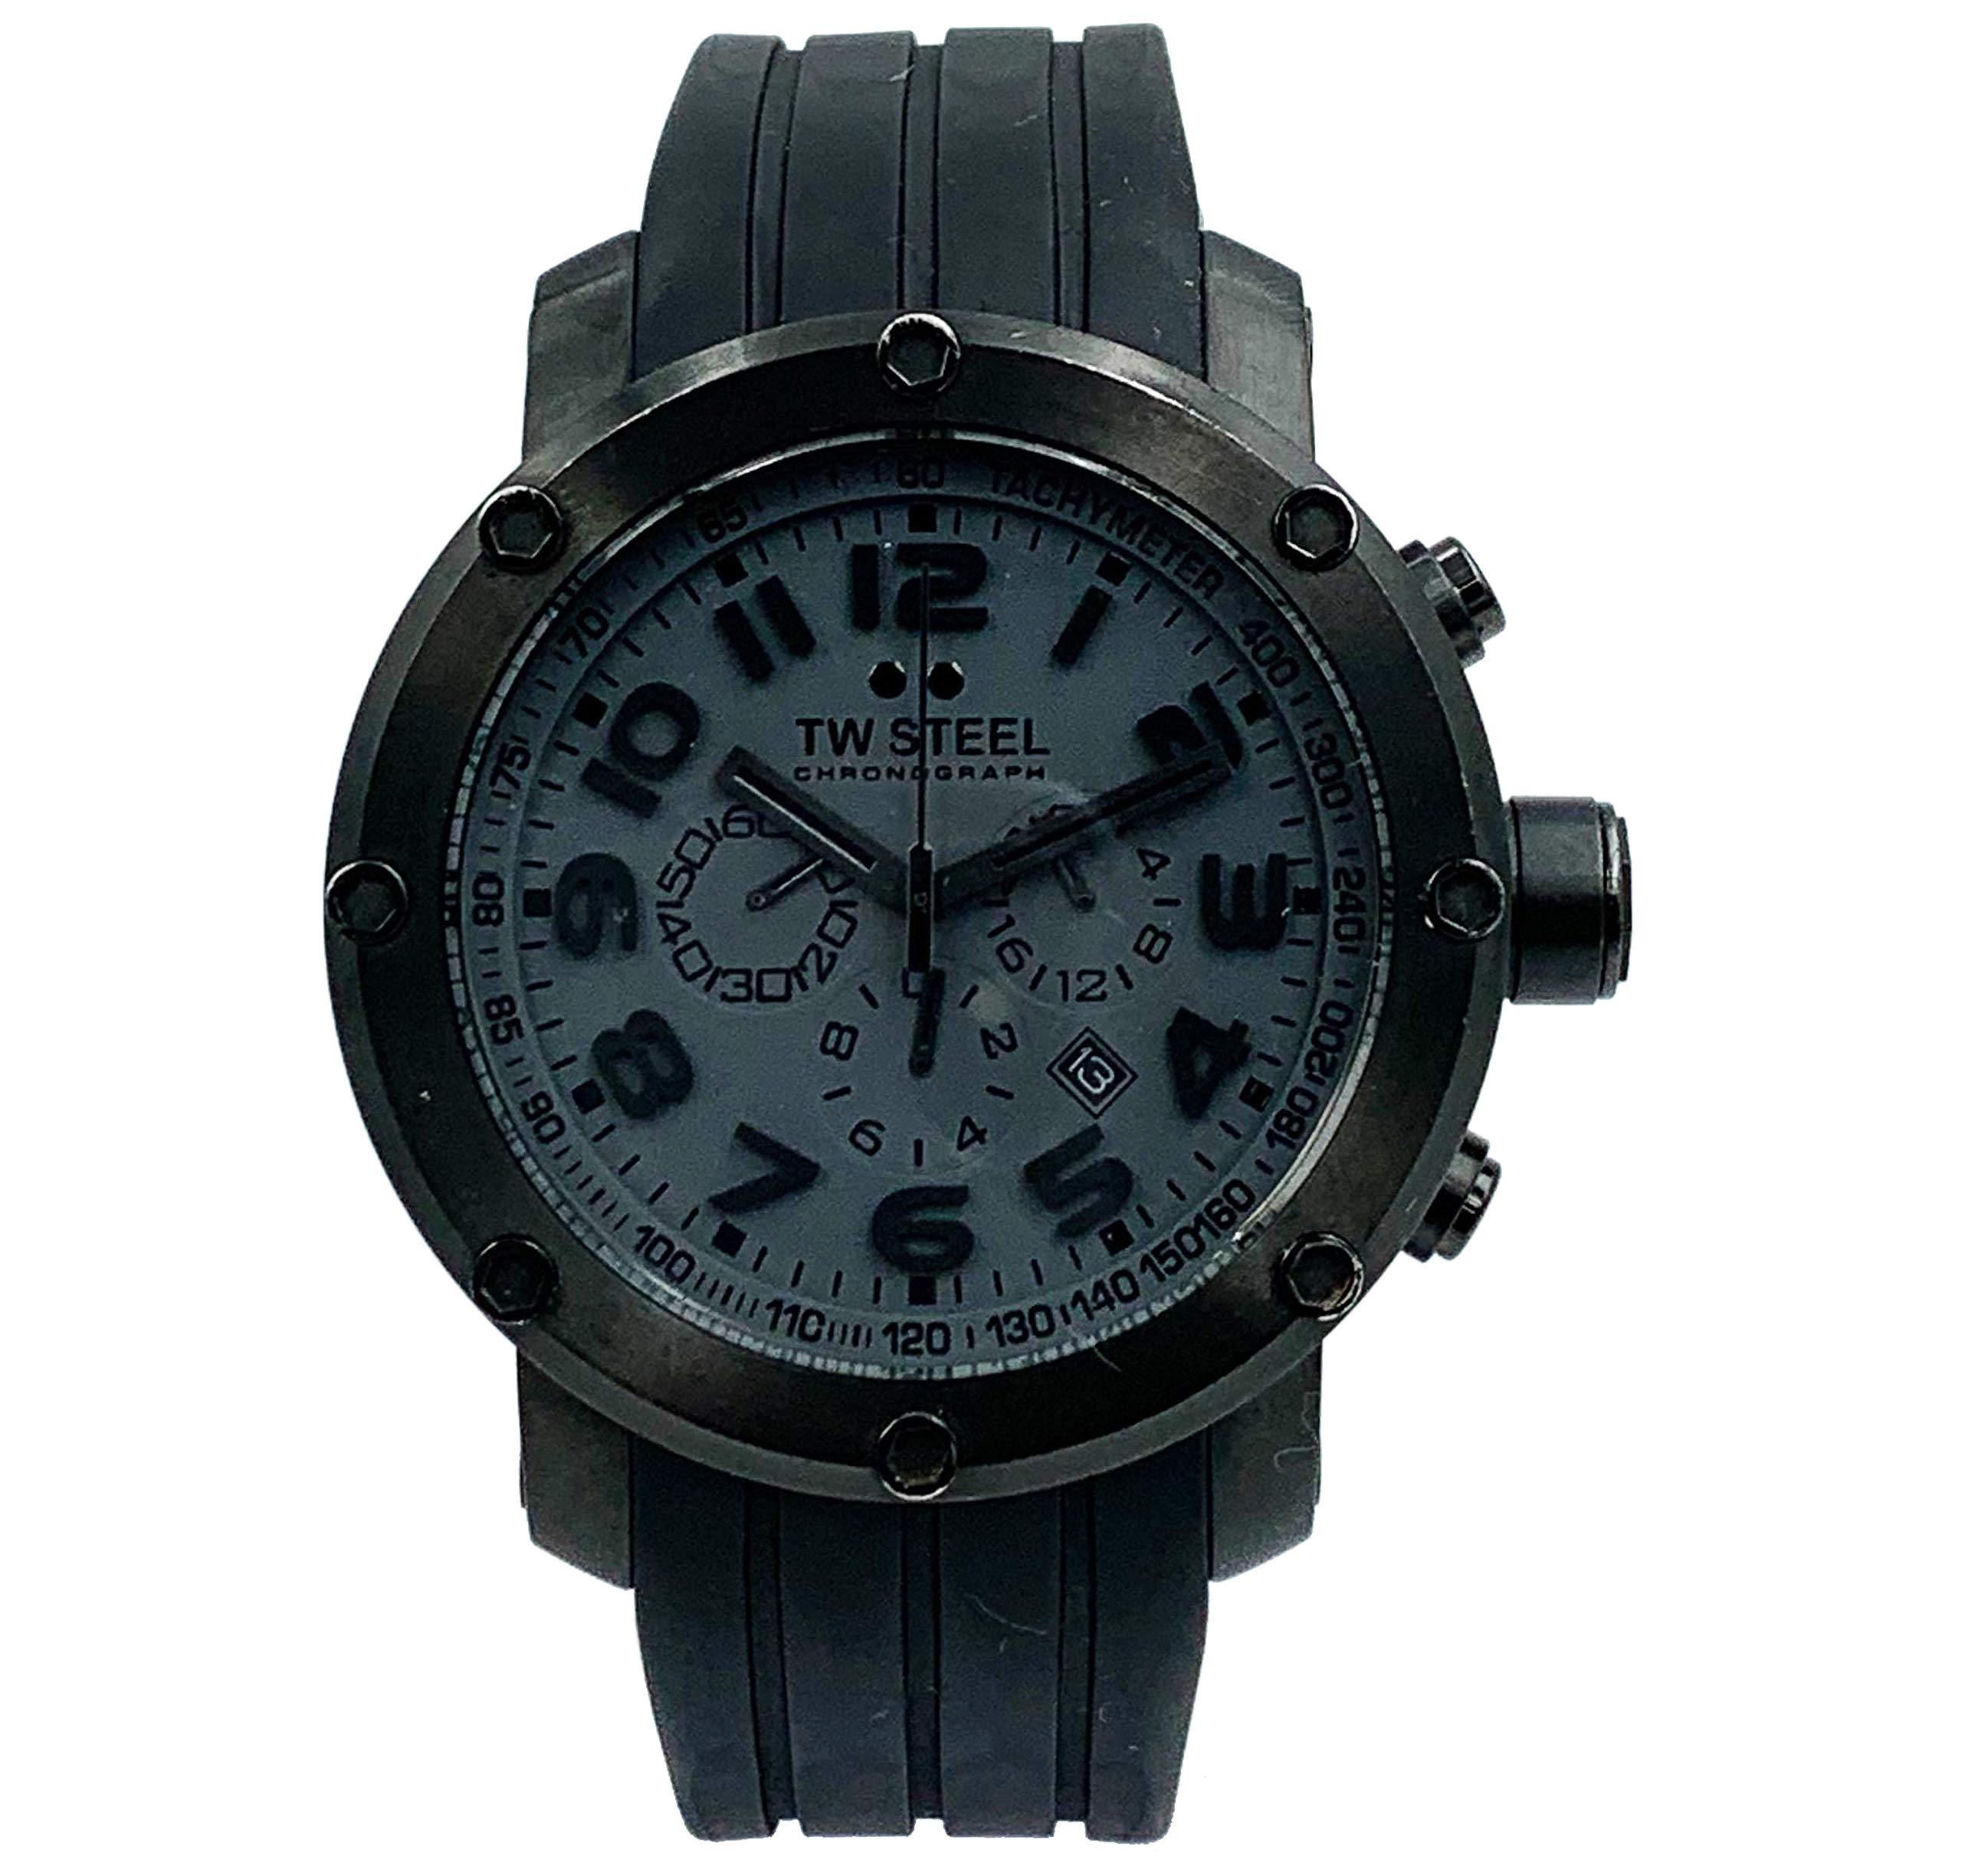 TW Steel Tech Cool Quartz Male Watch TW129 (Certified Pre-Owned) by TW Steel